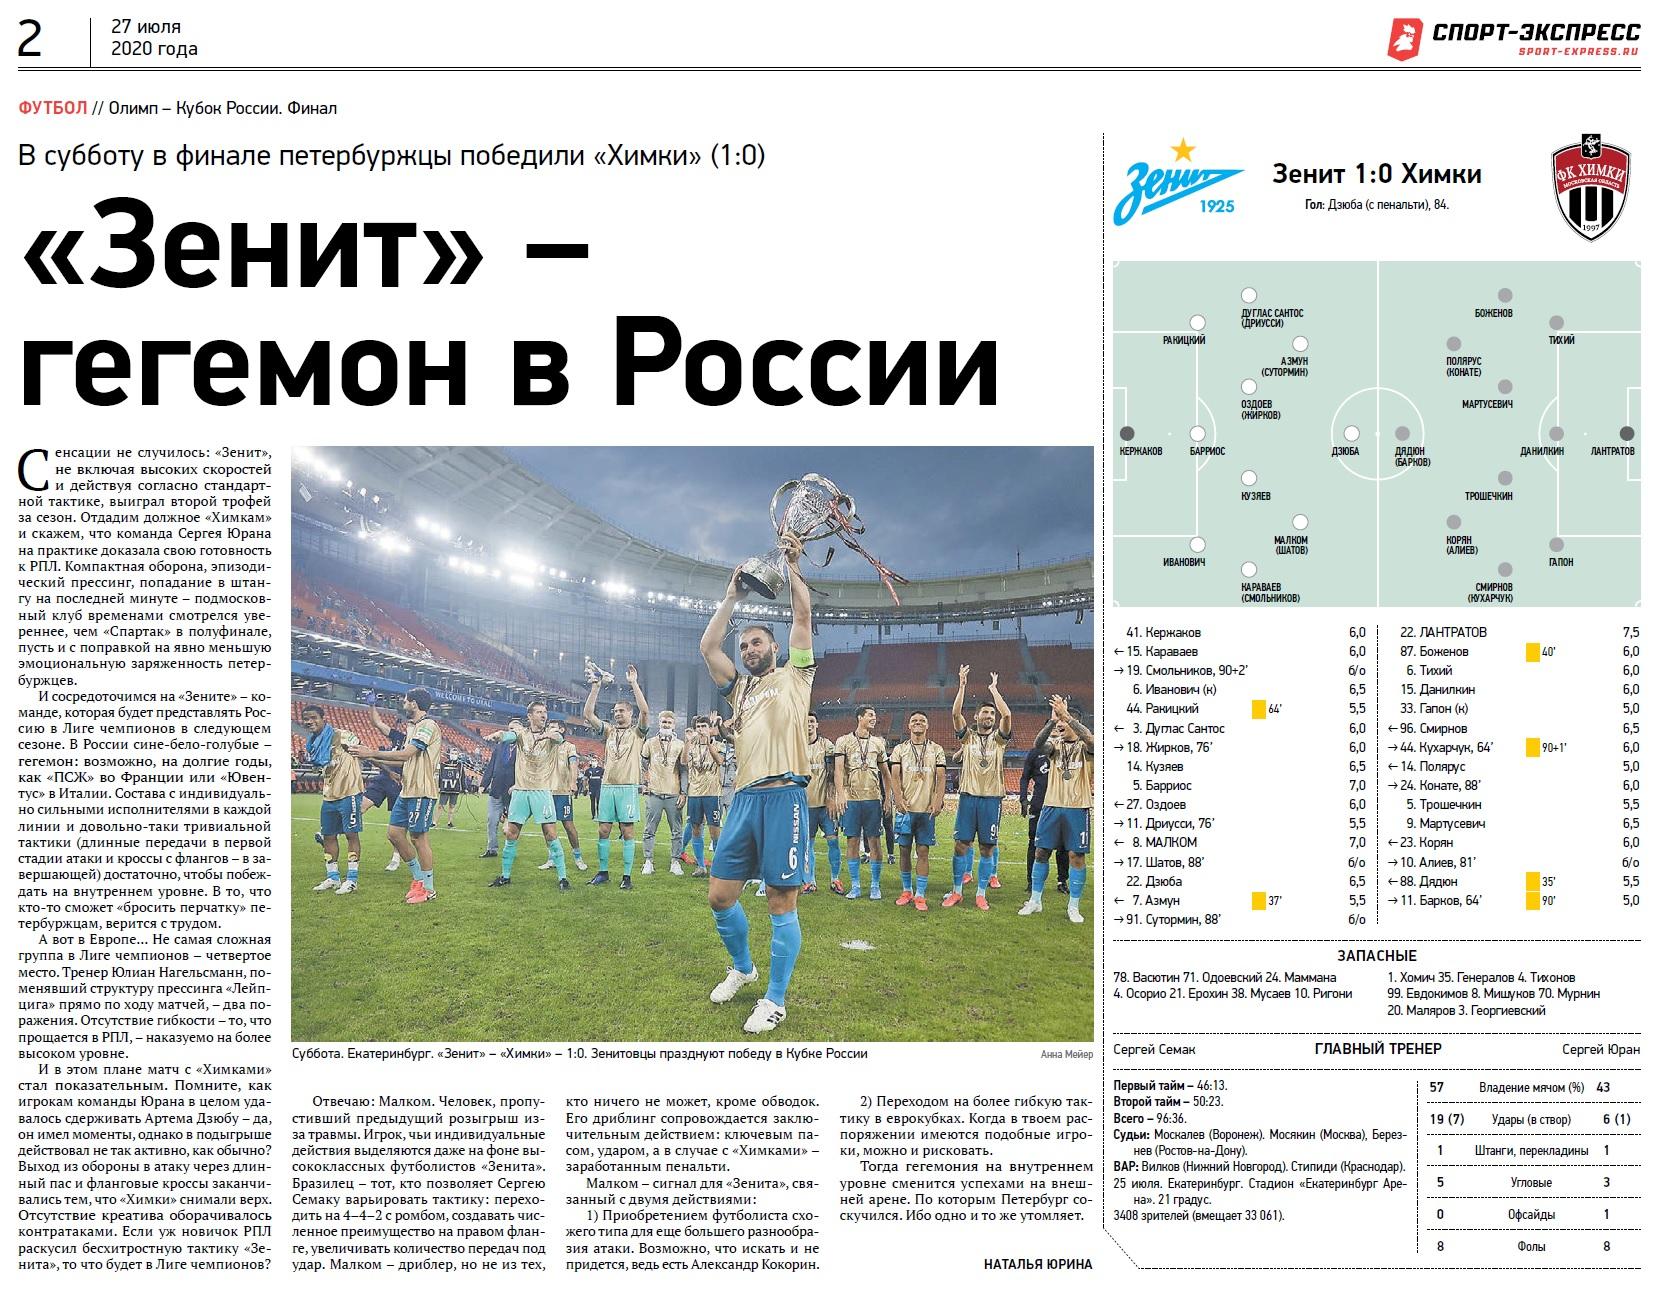 Зенит (Санкт-Петербург) - Химки (Химки) 1:0. Нажмите, чтобы посмотреть истинный размер рисунка